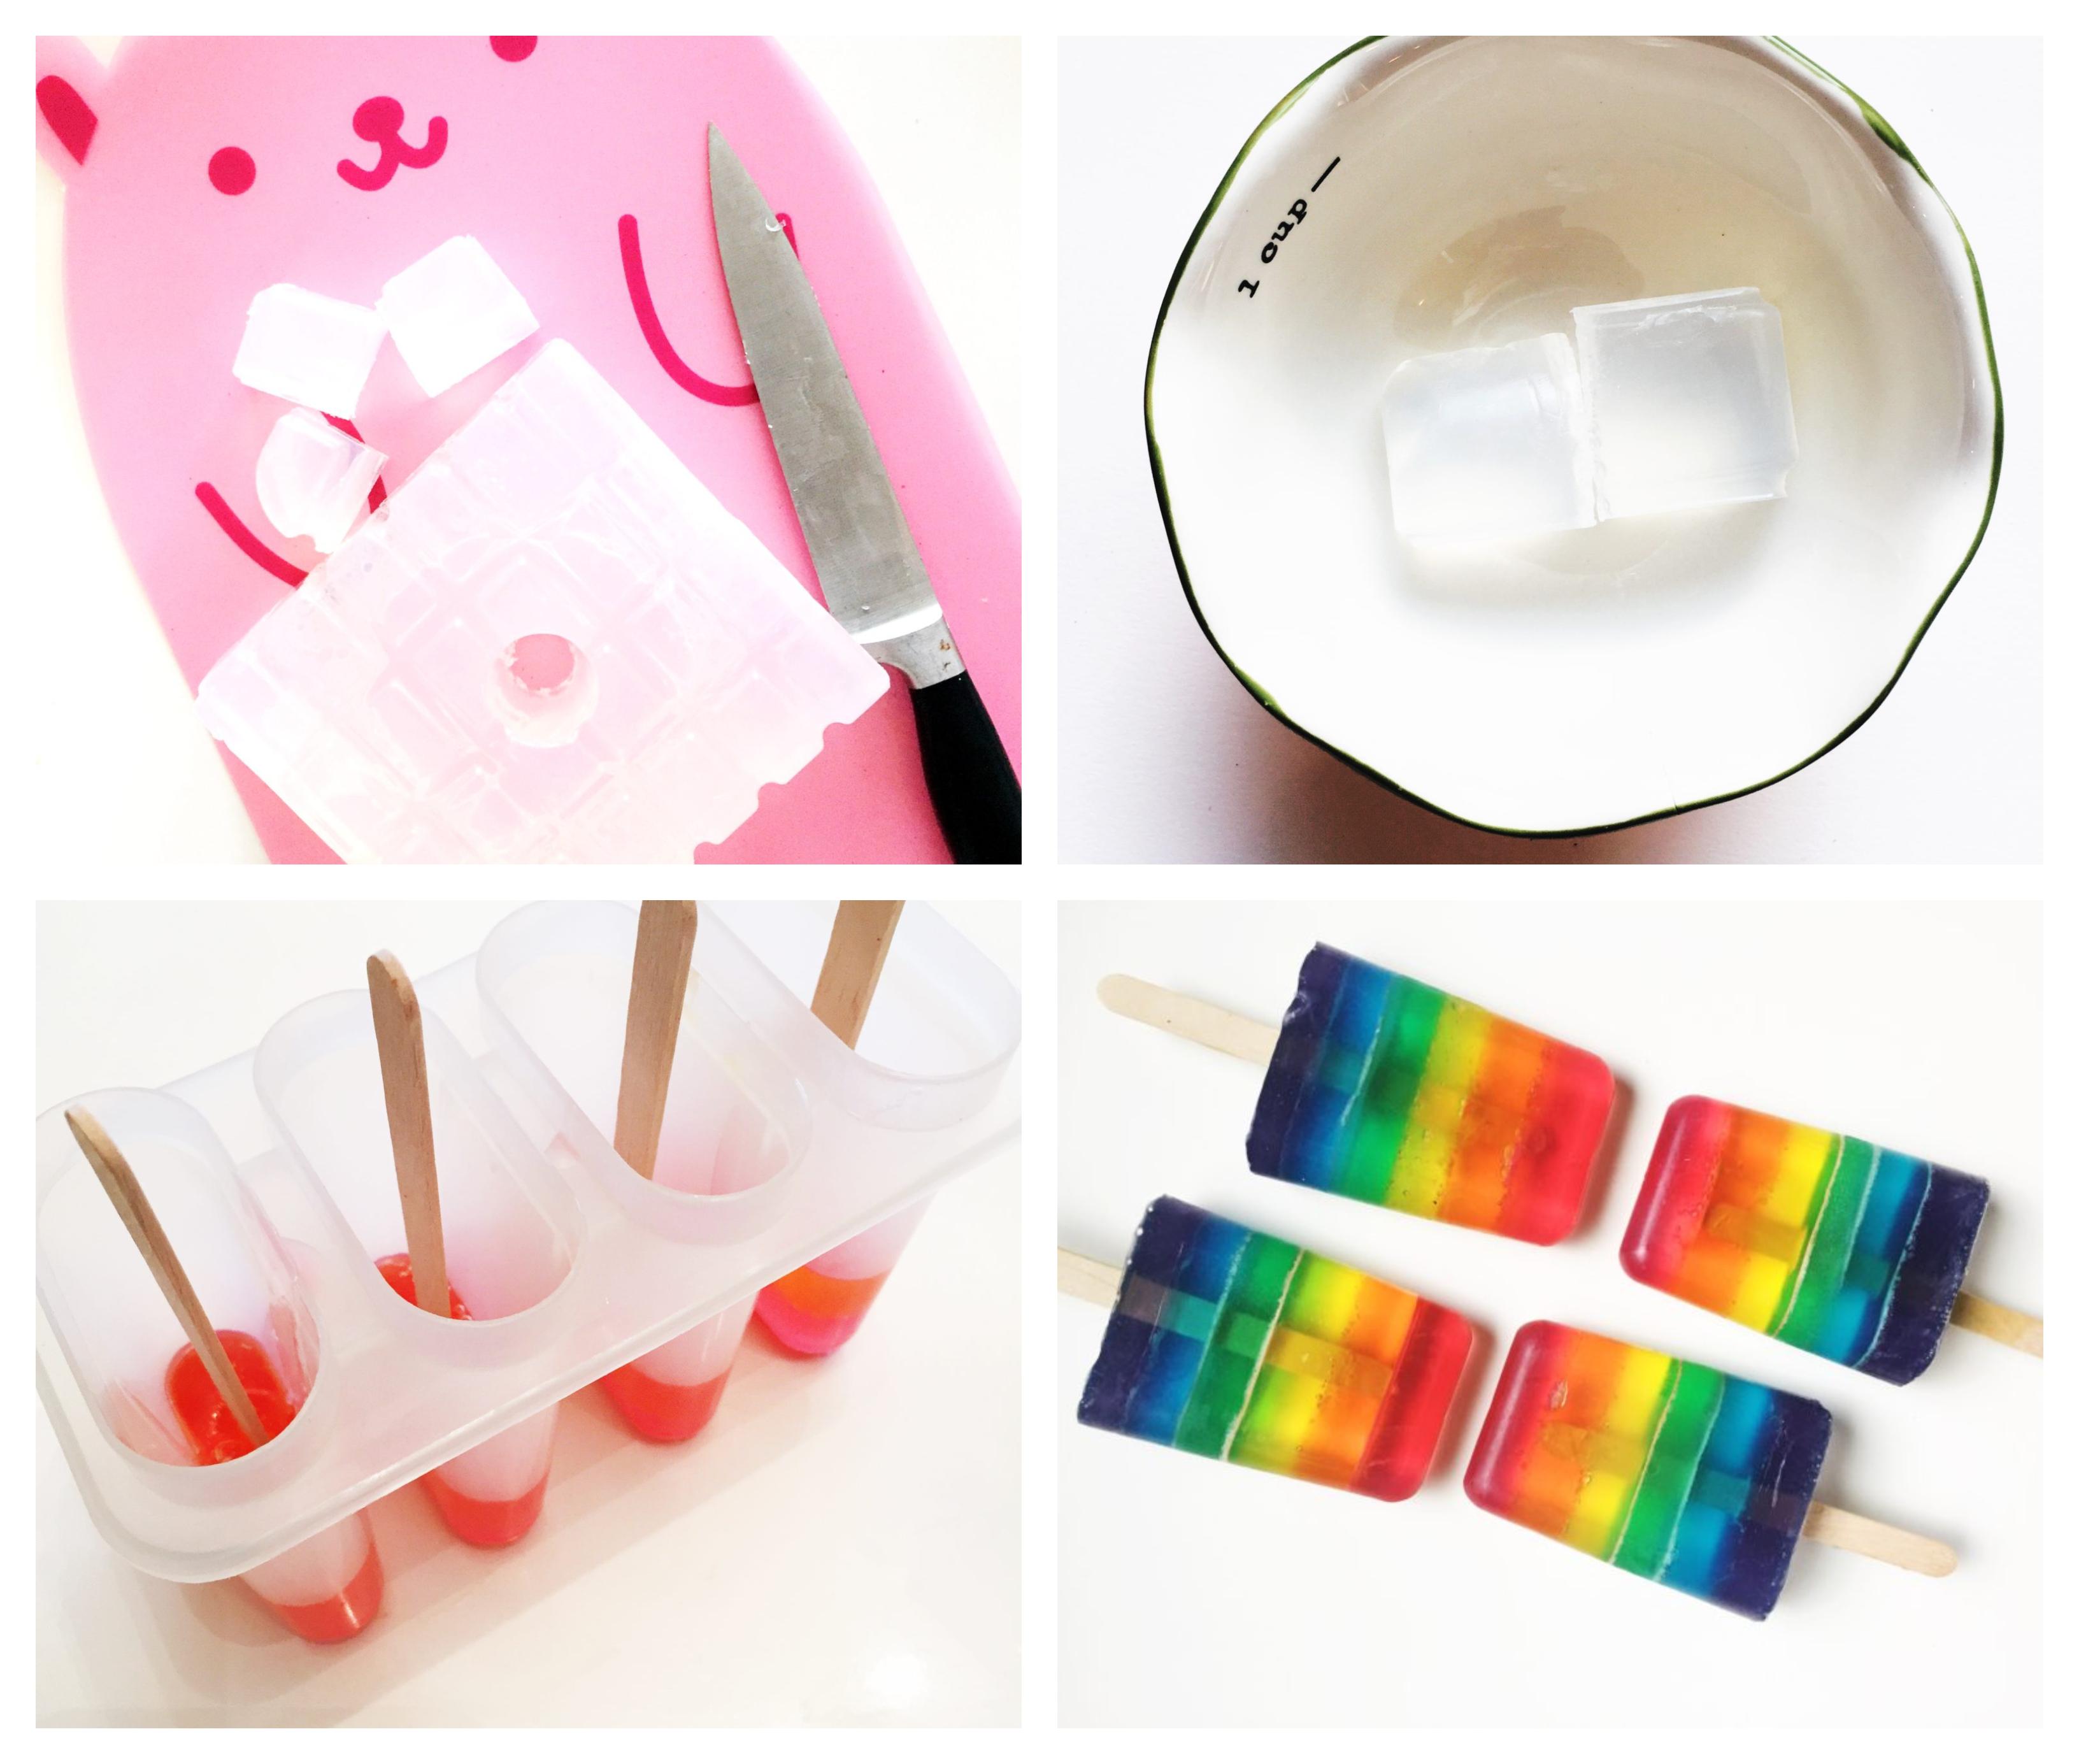 tuto pour fabriquer son savon soi meme dans un moule à glace, savons en forme de glace avec des couches colorées semi transparentes